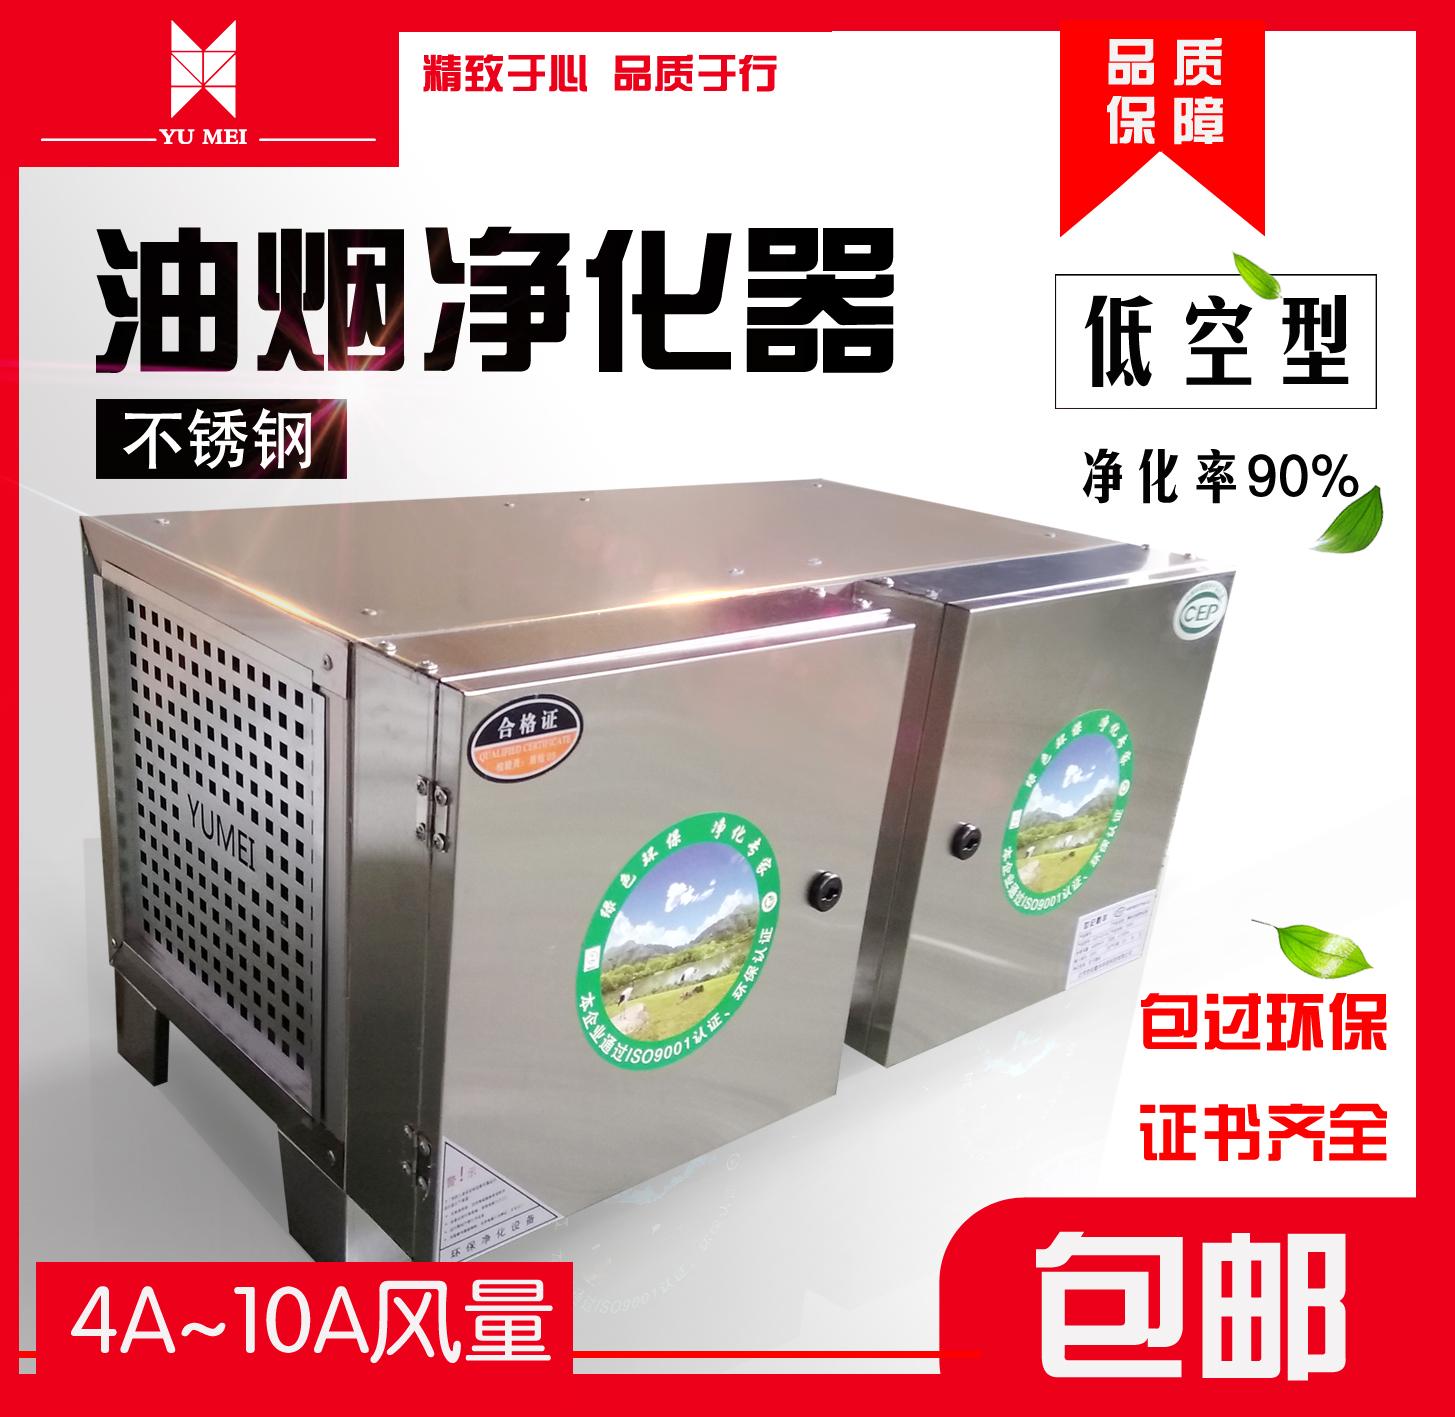 钰美不锈钢低空排放油烟净化器饭店厨房商用酒店餐饮环保分离器